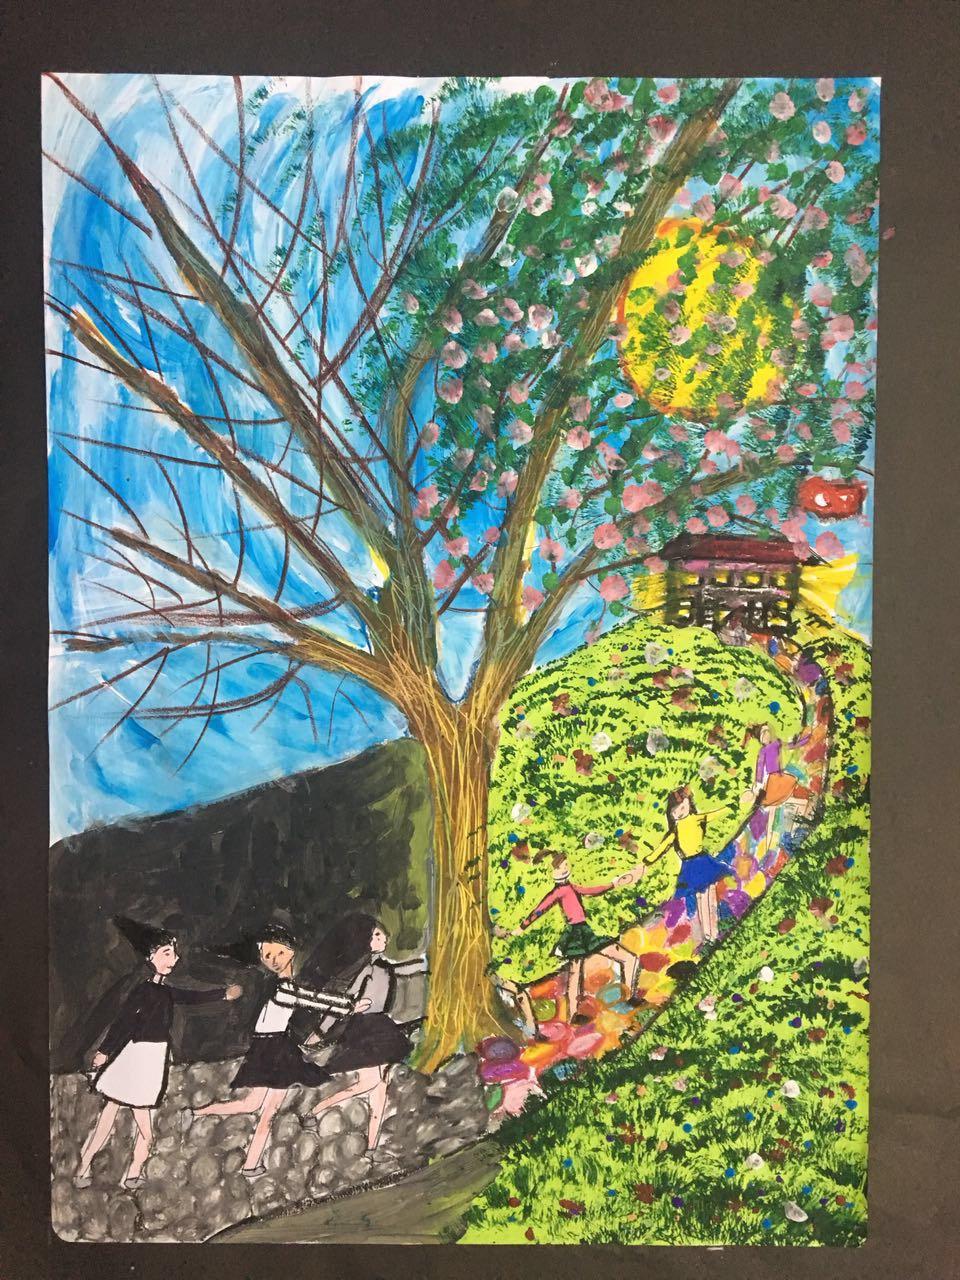 Çocuklar Akmerkez' de yaratıcılığını konuşturacak 94